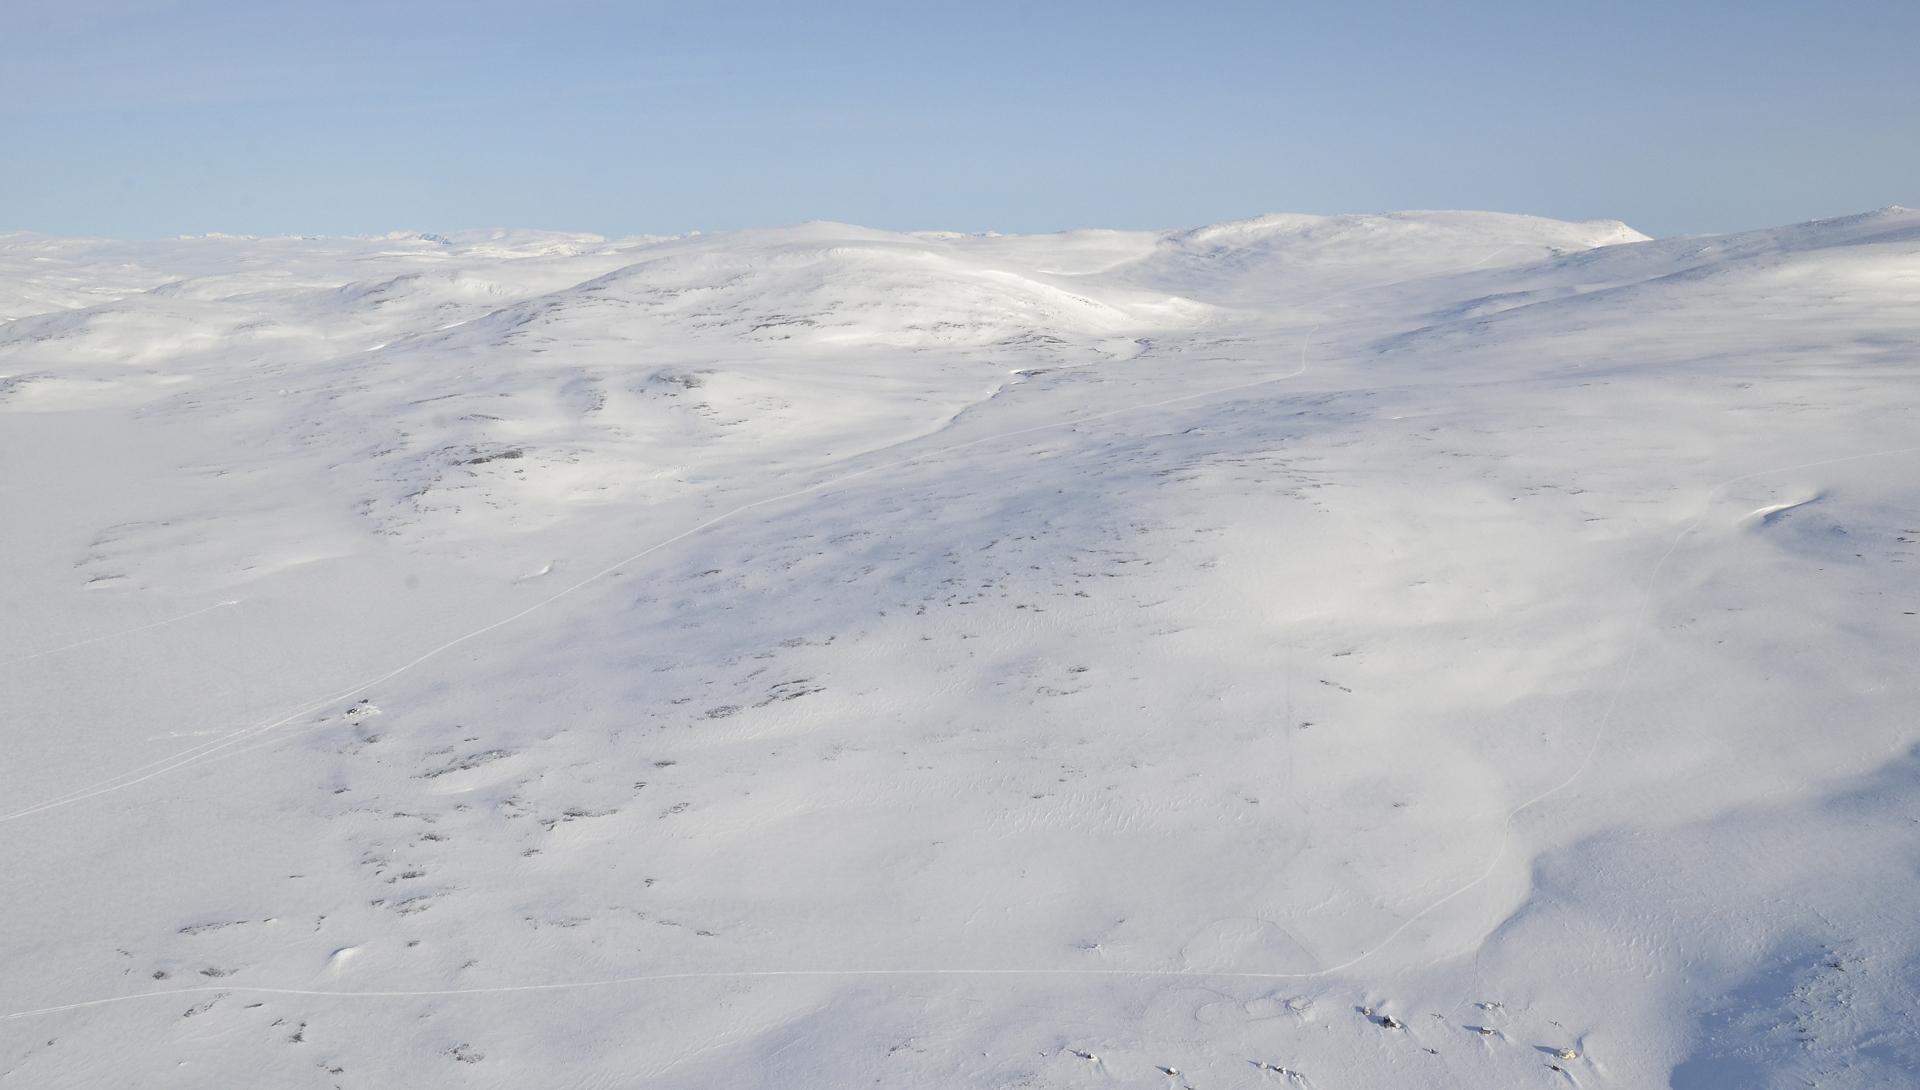 Kipuaminen jatkuu tuonne purouoman suuntaan, jonka takana on Haltin huippu. Vasemmalle näkyy Pitsusjärvi, johon teen paluumatkalla välilaskun.